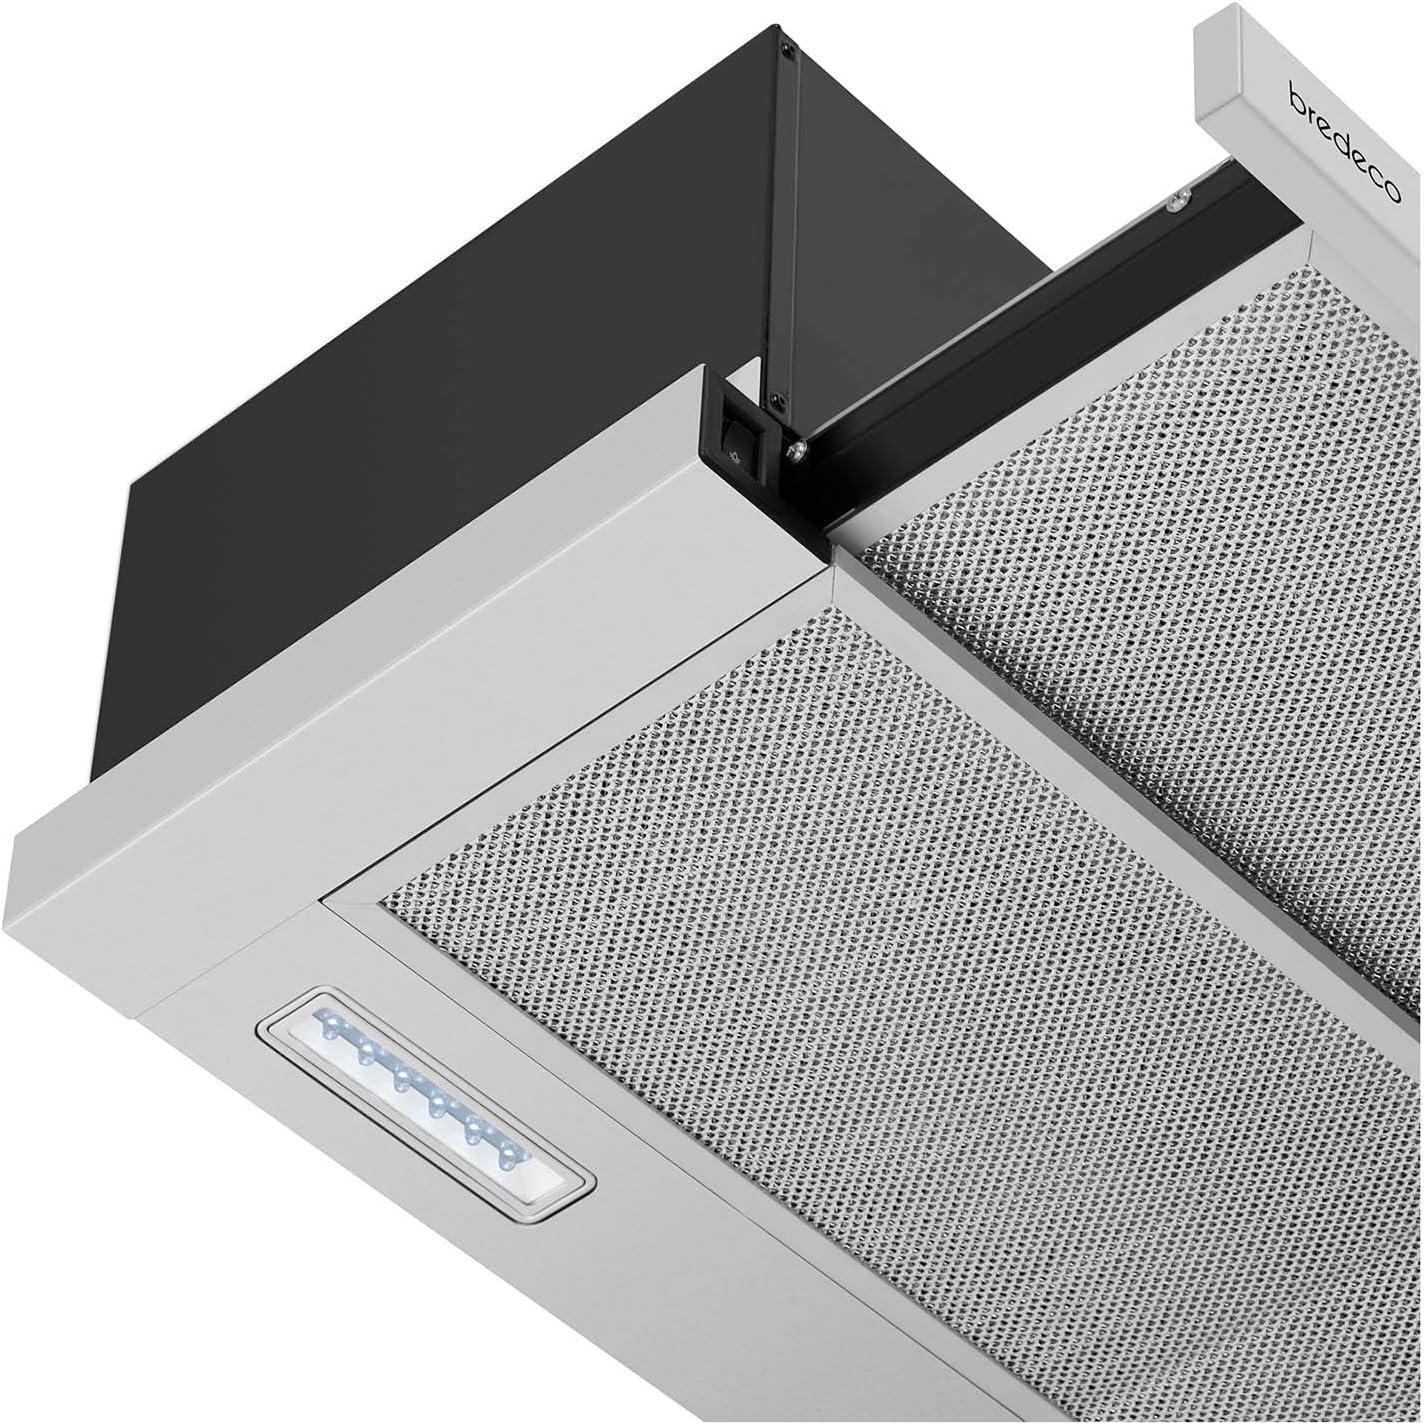 bredeco Campana De Pared Para Cocina BCCH-65C-60S (Acero inoxidable, LED 2 x 2 W, Nivel de ruido de 63 dB, 301,6 m³/h, 60 cm): Amazon.es: Grandes electrodomésticos